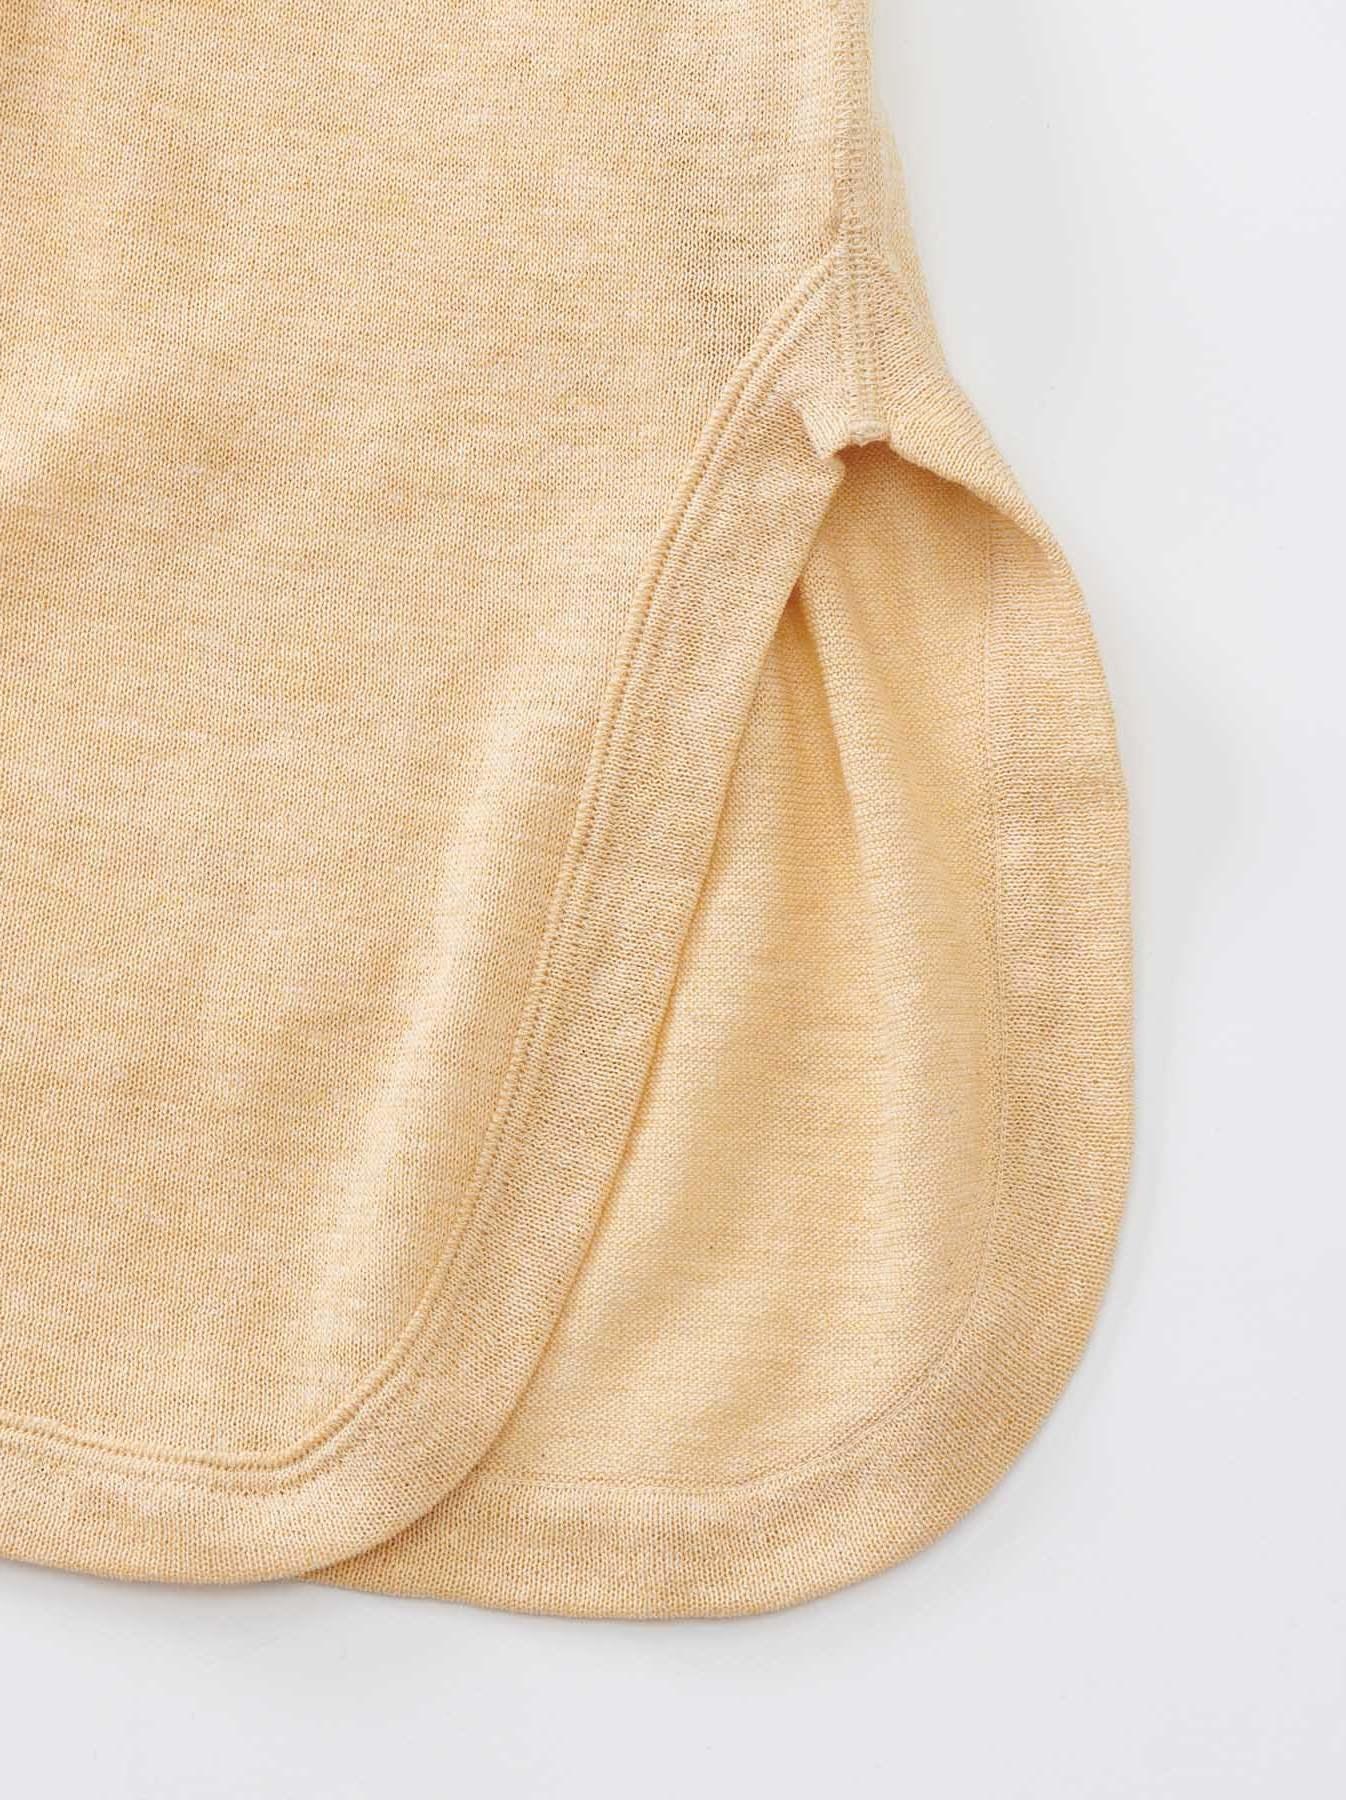 WH Gima Knit Tunic-9